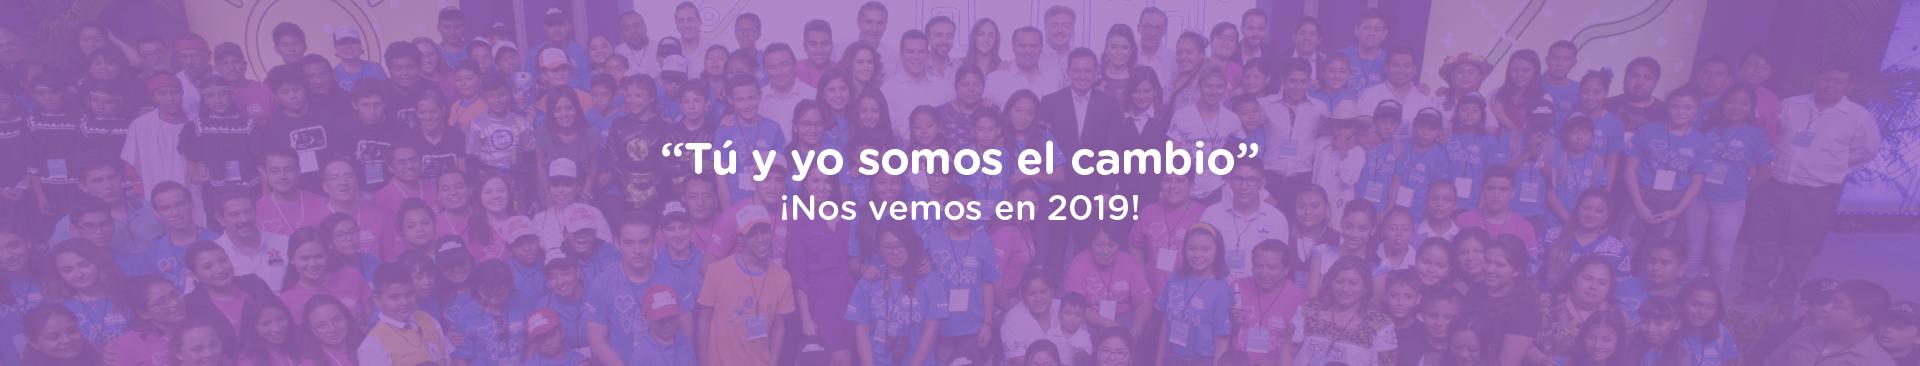 Banner 'Tu y Yo Somos el Cambio' ¡Nos vemos el siguiente año